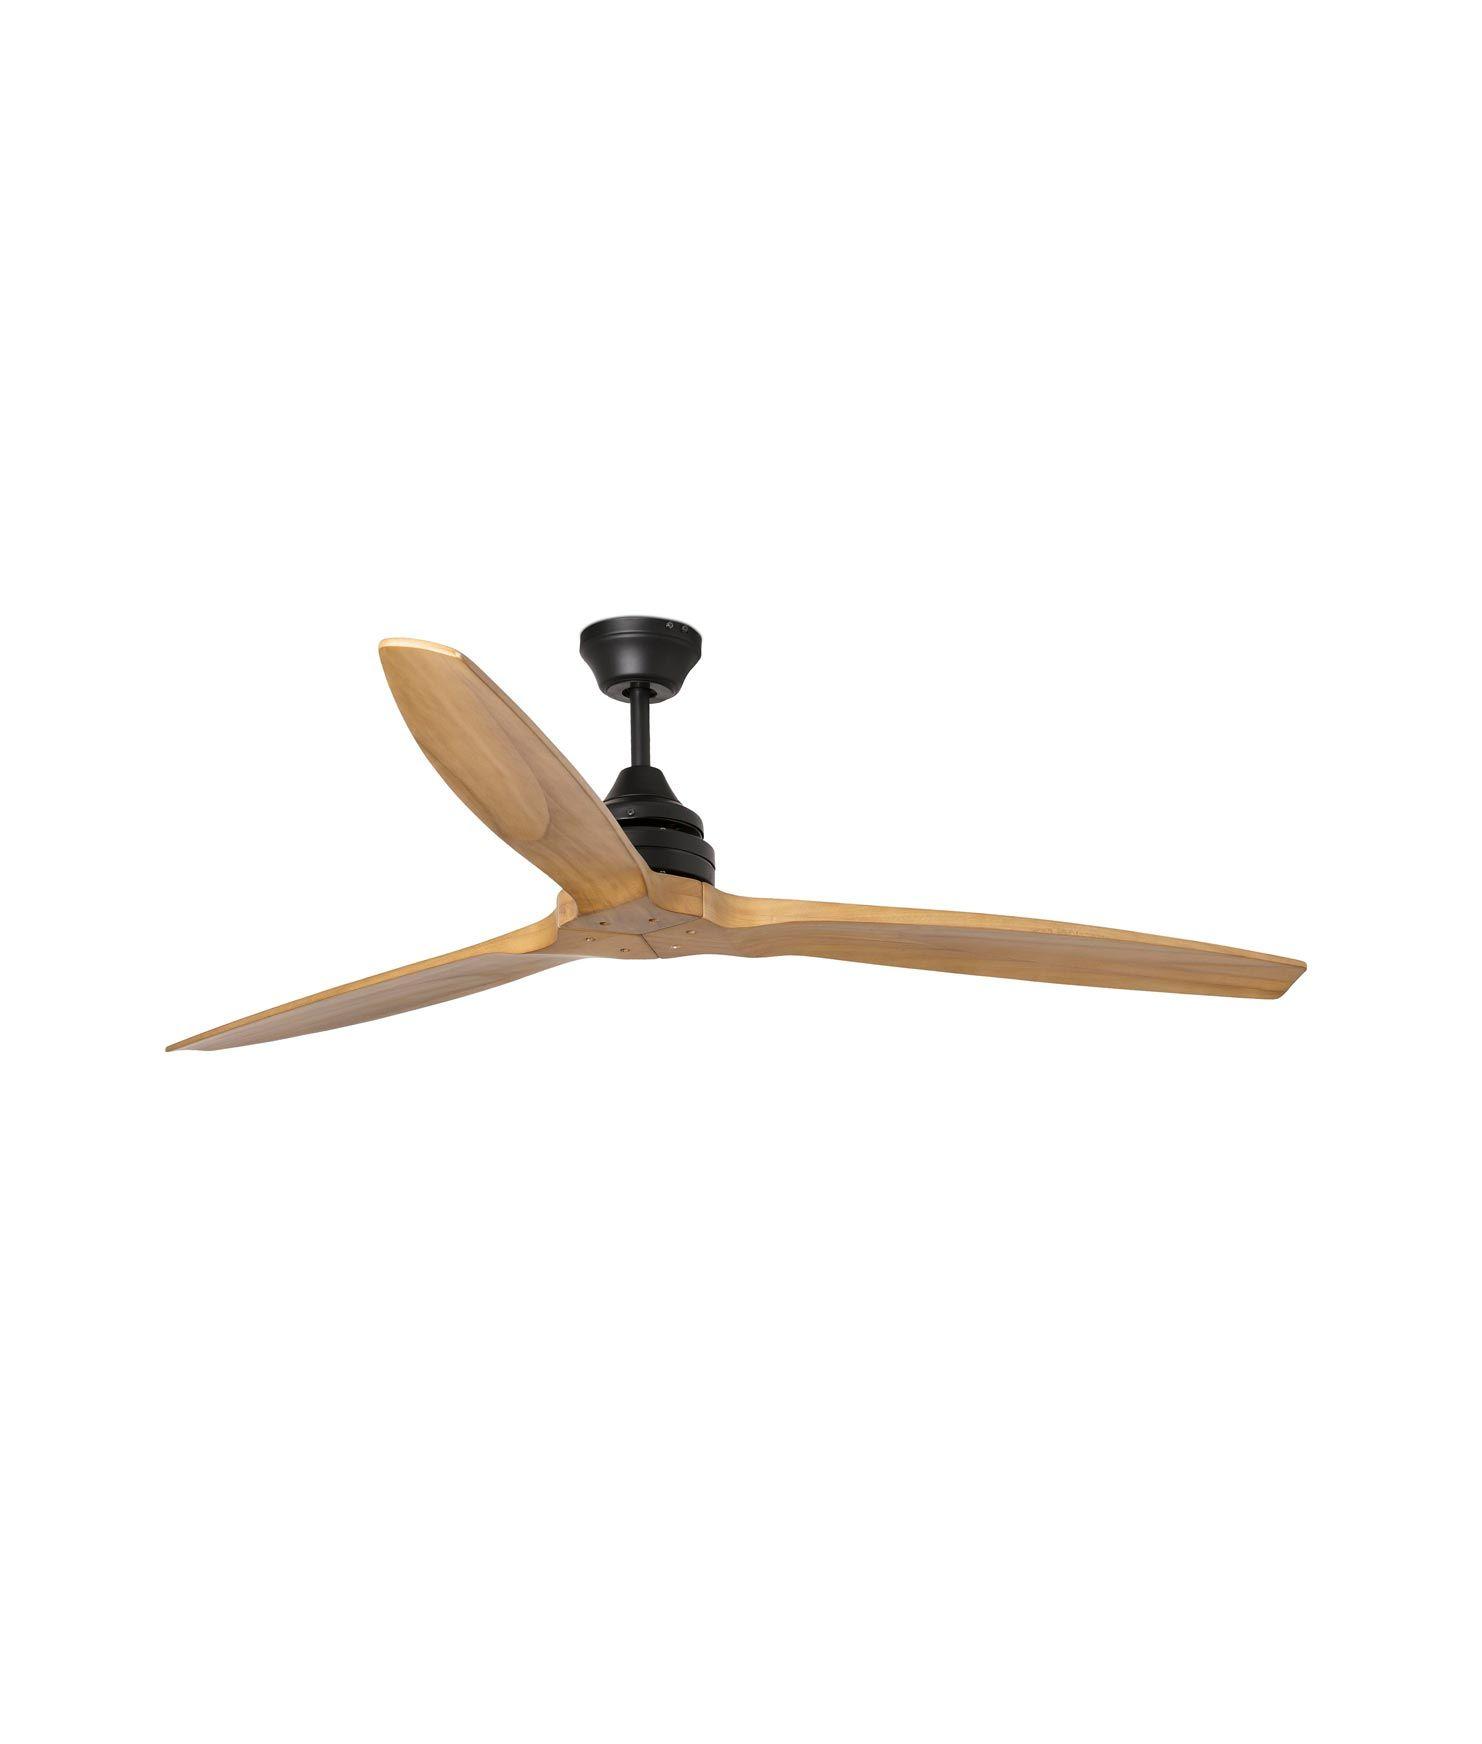 Ventilador palas de madera ALO